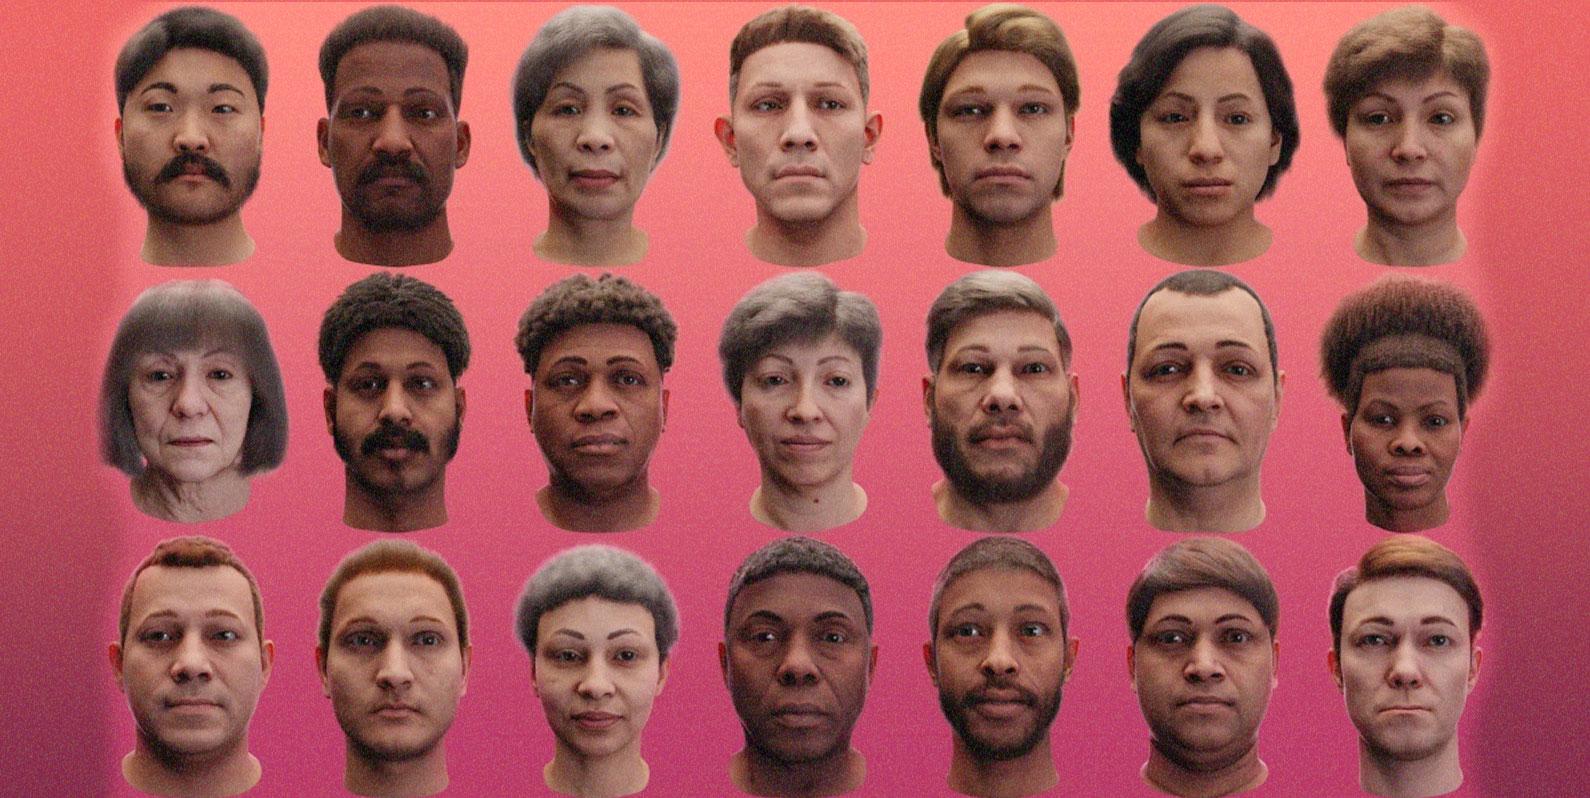 Esses falsos e assustadores humanos anunciam uma nova era na Inteligência Artificial